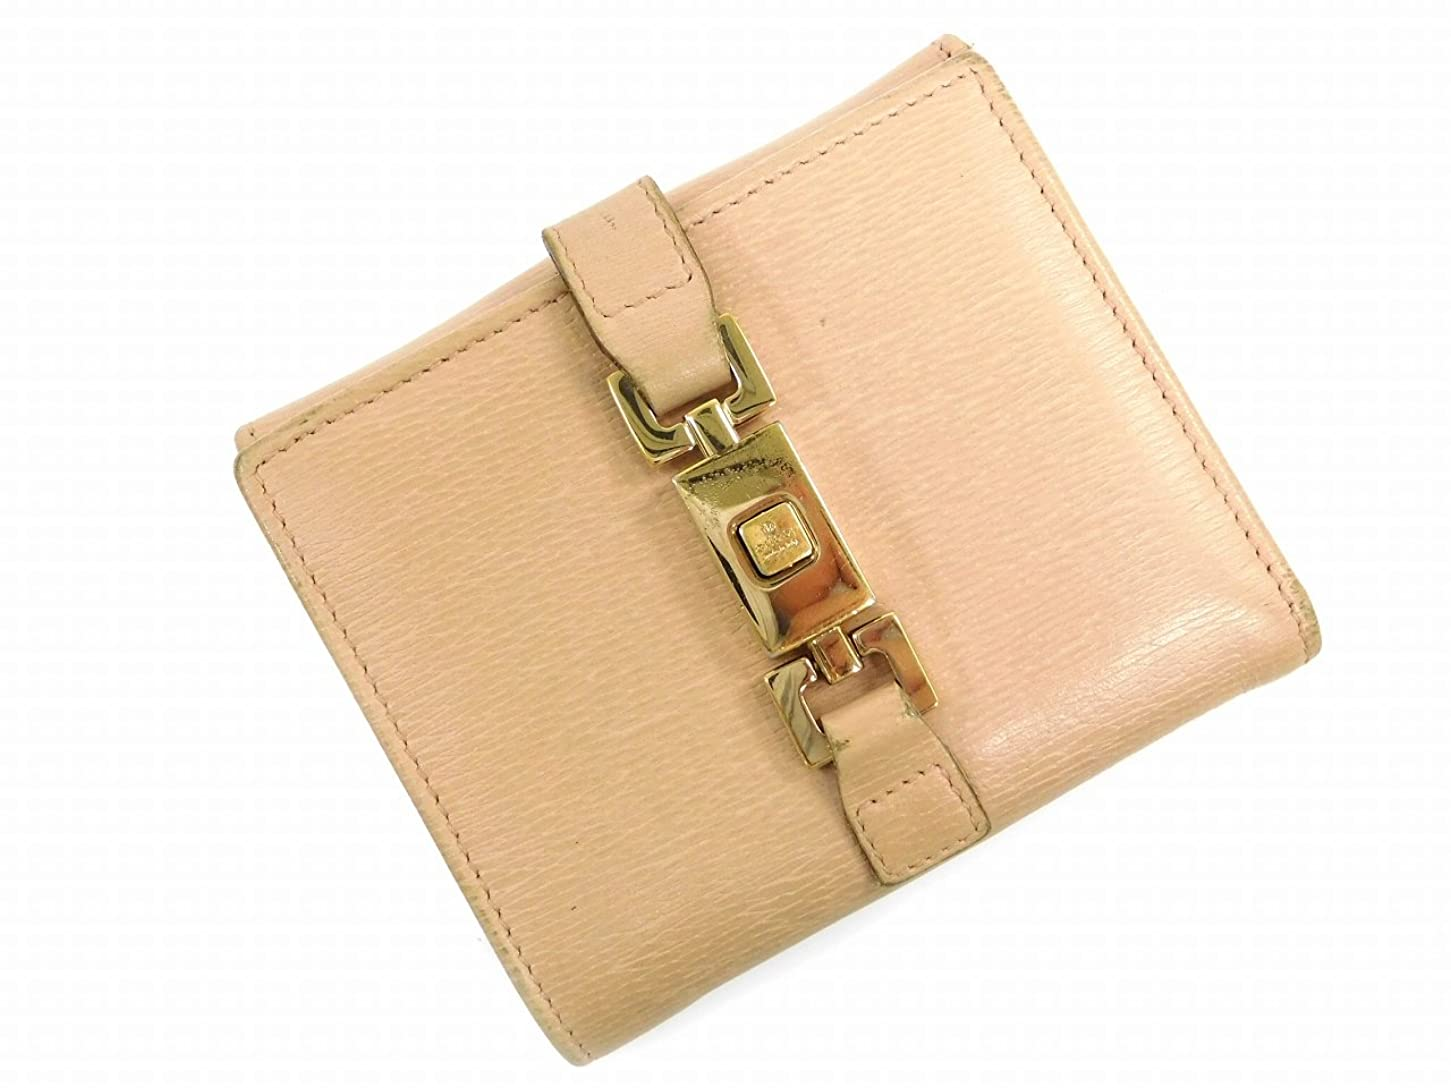 タウポ湖破壊的ストレスの多い[グッチ] GUCCI 二つ折り財布 ジャッキー金具 レザー X7343 中古